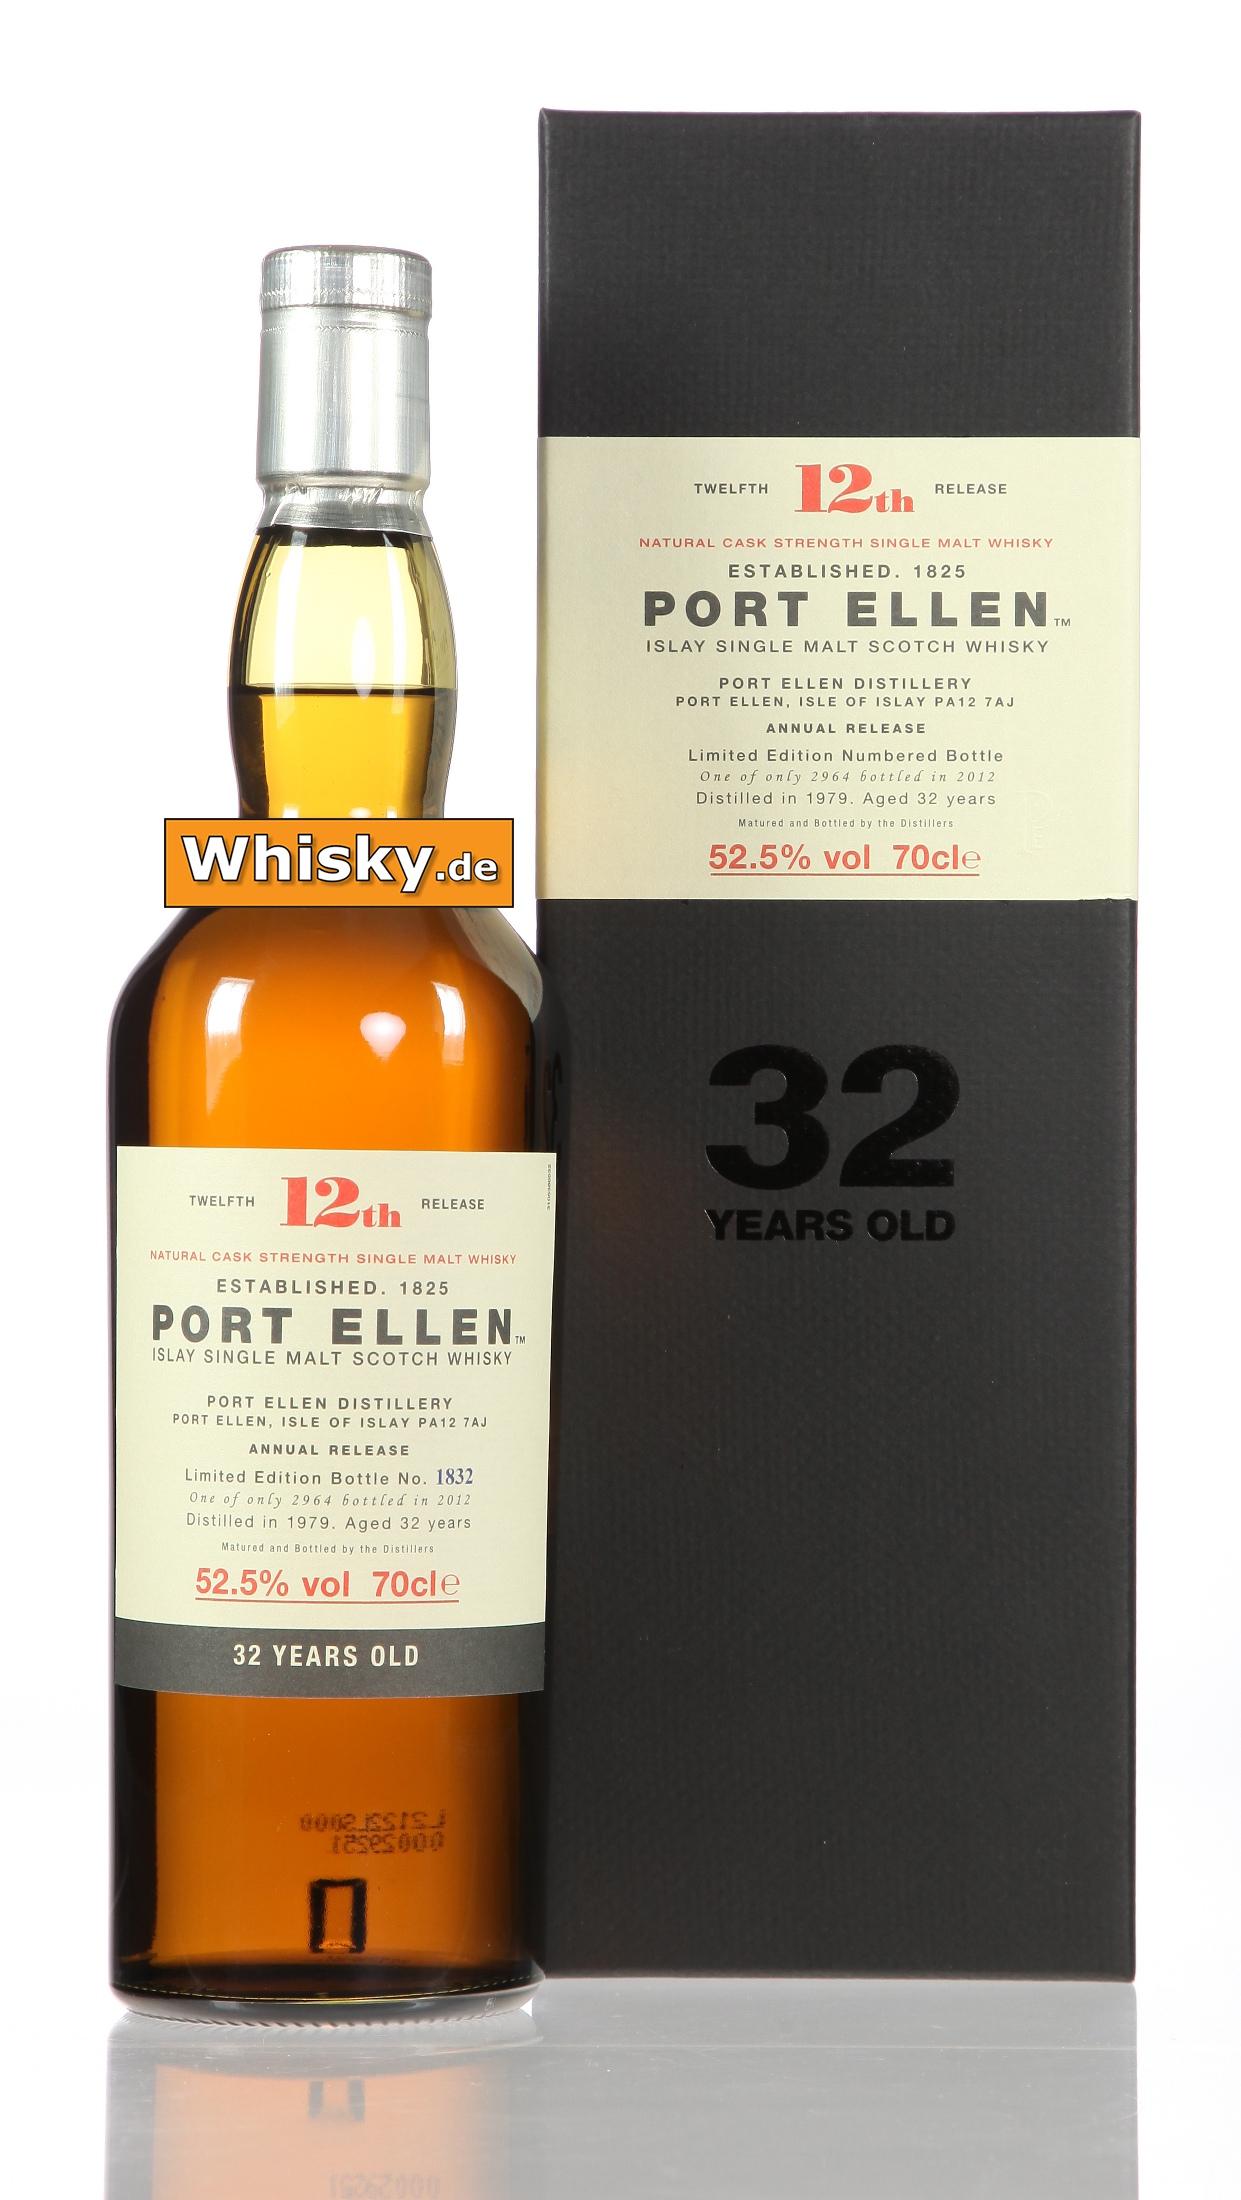 Port Ellen 12th Release